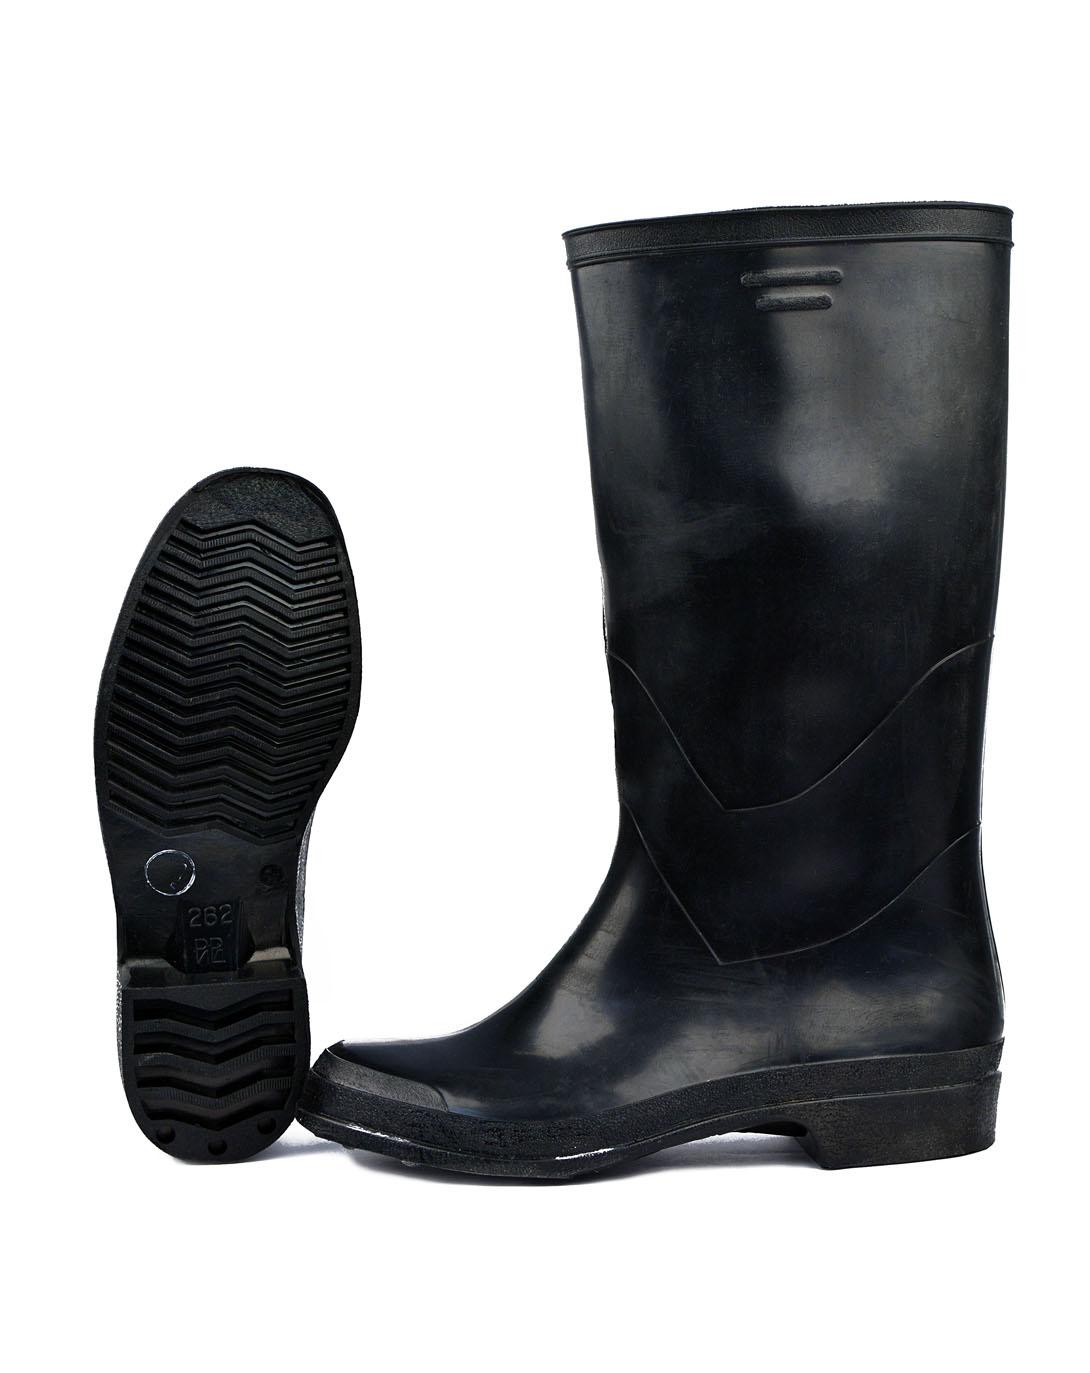 Сапоги резиновые мужские черные (45(евро Сапоги для активного отдыха<br>Сапоги изготовлены формованным способом <br>- предназначены для защиты ног от воды и <br>общепроизводственных загрязнений. Высота <br>сапога 39 - 40 см.<br><br>Пол: мужской<br>Размер: 45(евро 46)<br>Сезон: лето<br>Цвет: черный<br>Материал: резина